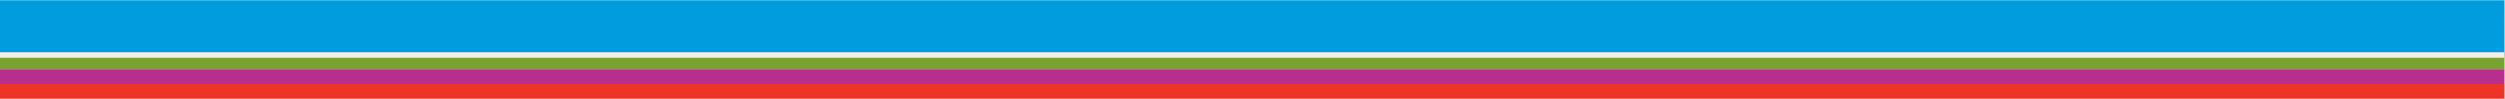 DMARC_colorbanner